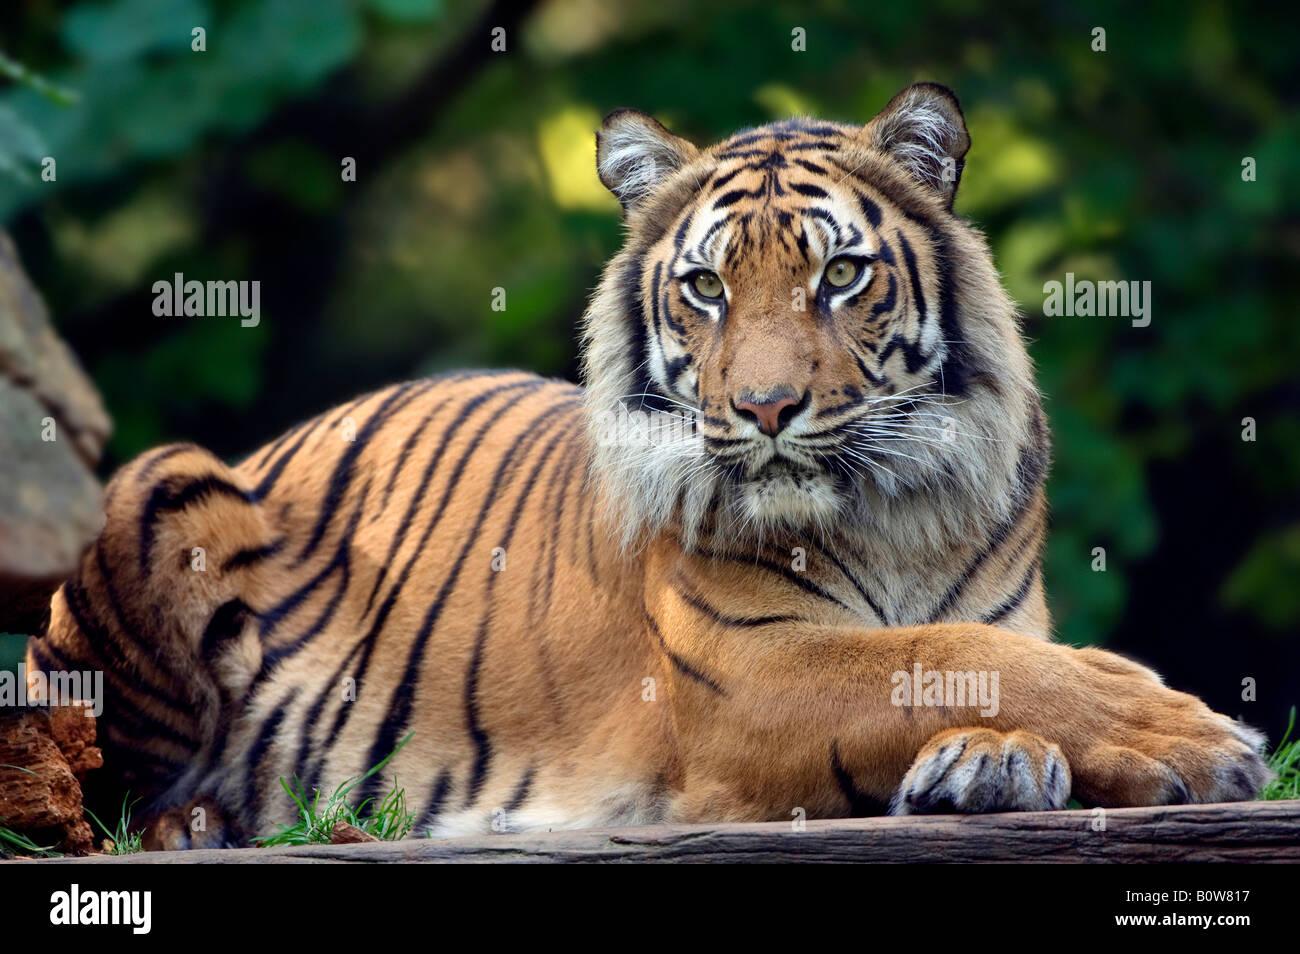 Sumatran Tiger (Panthera tigris sumatrae) Stock Photo